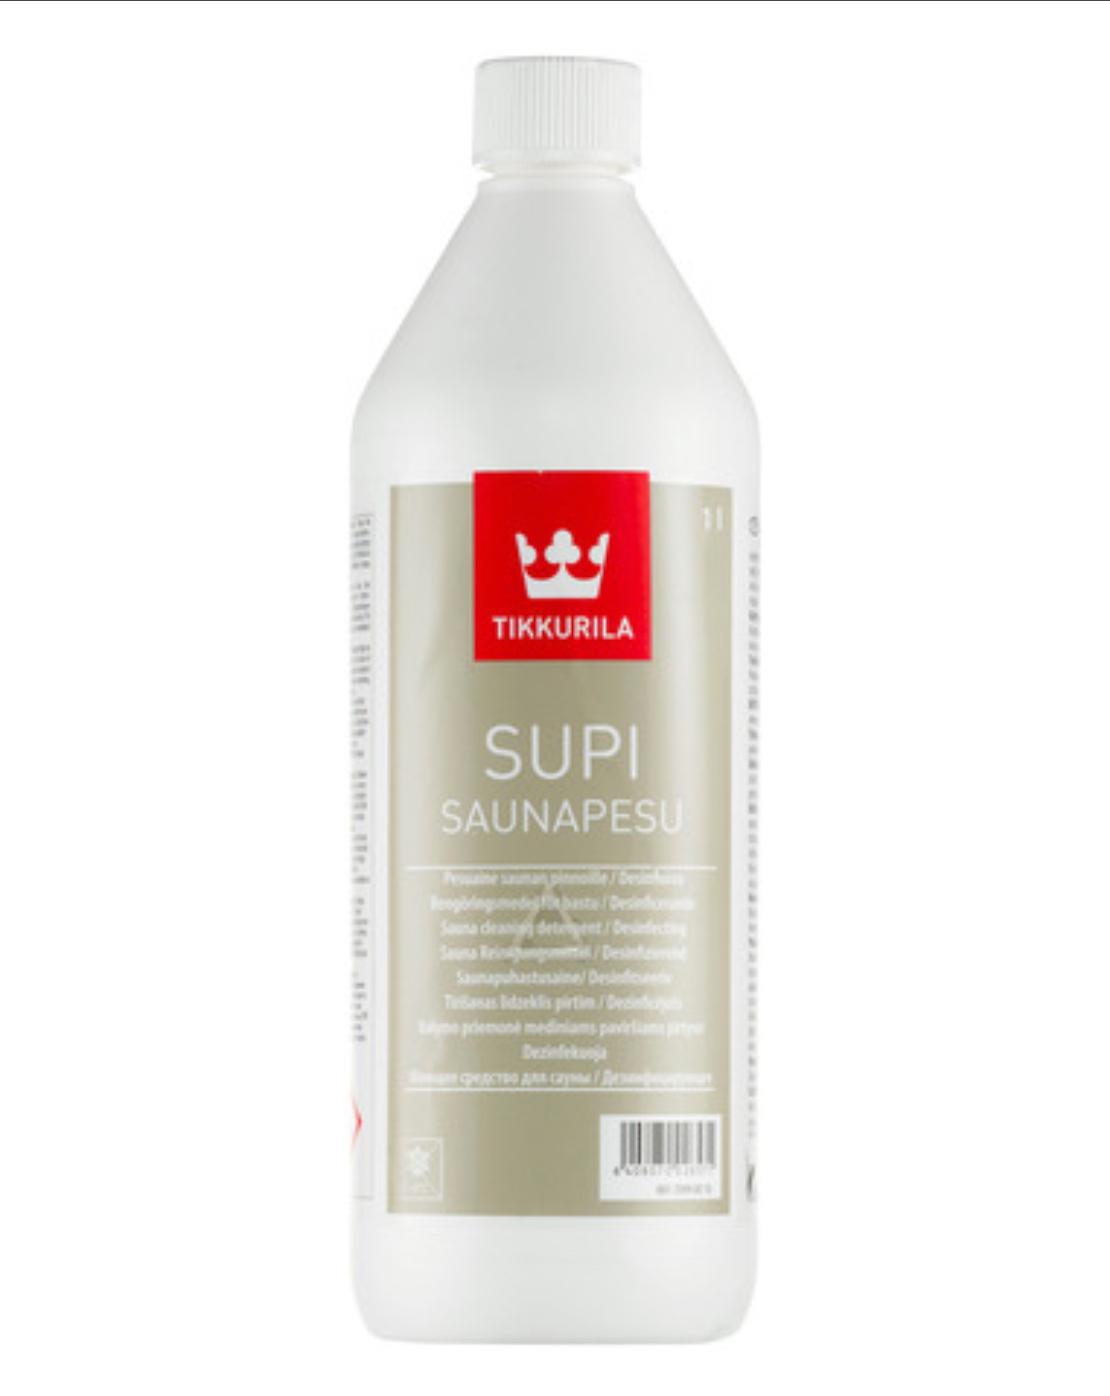 SUPI SAUNAPESU